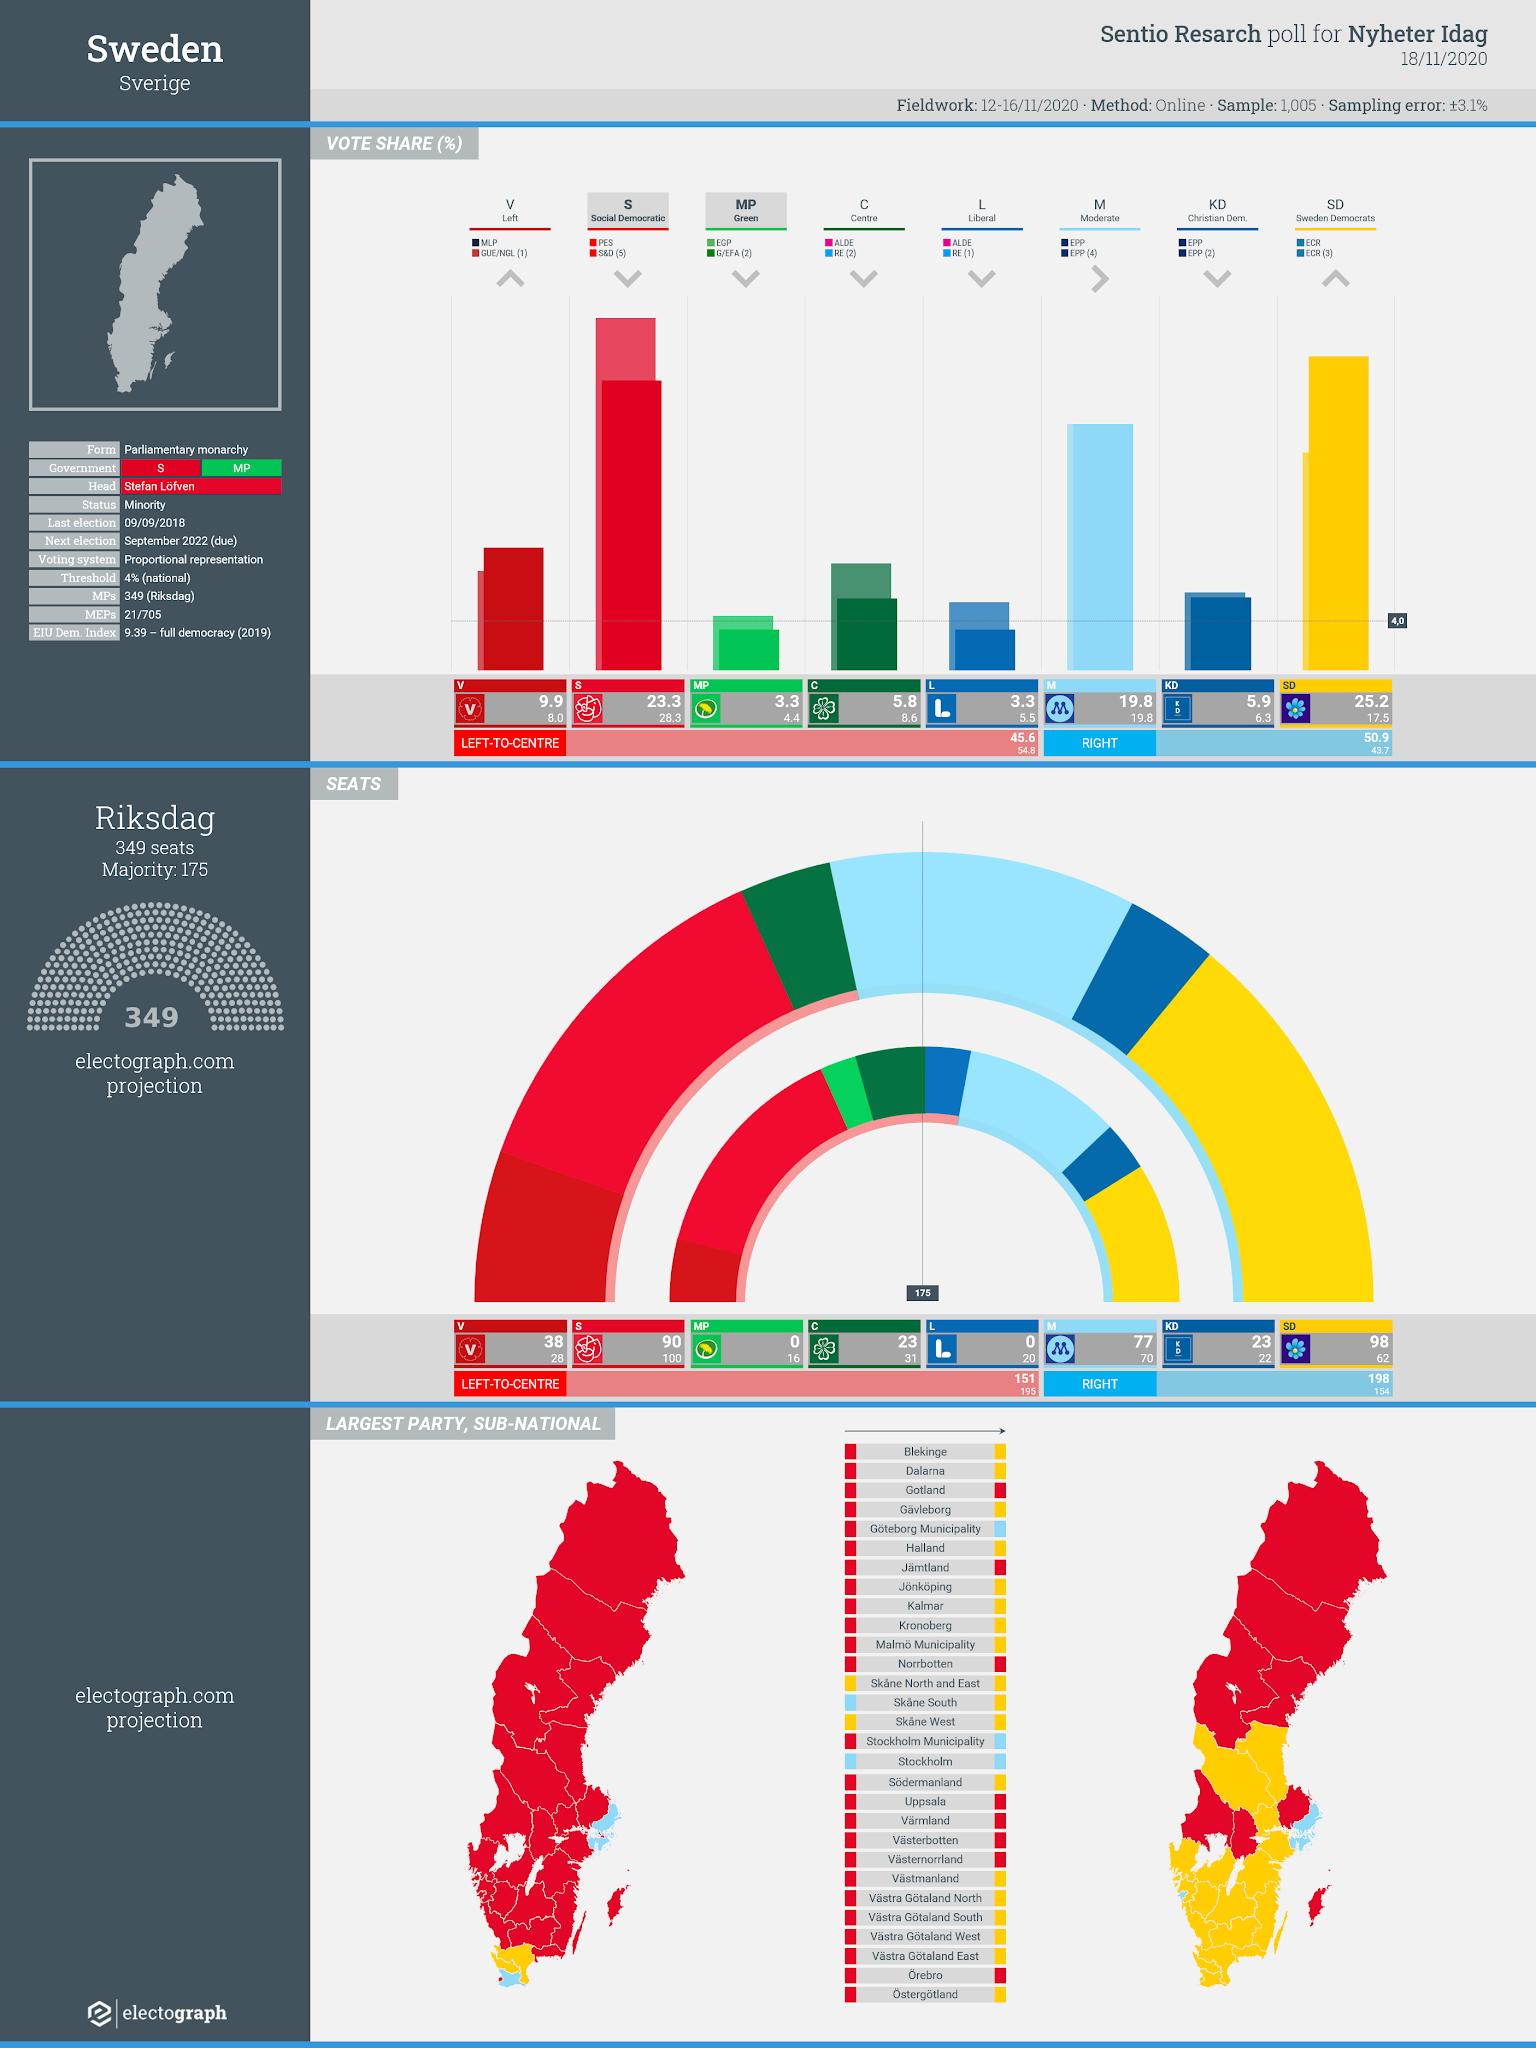 SWEDEN: Sentio Research poll chart for Nyheter Idag, 18 November 2020